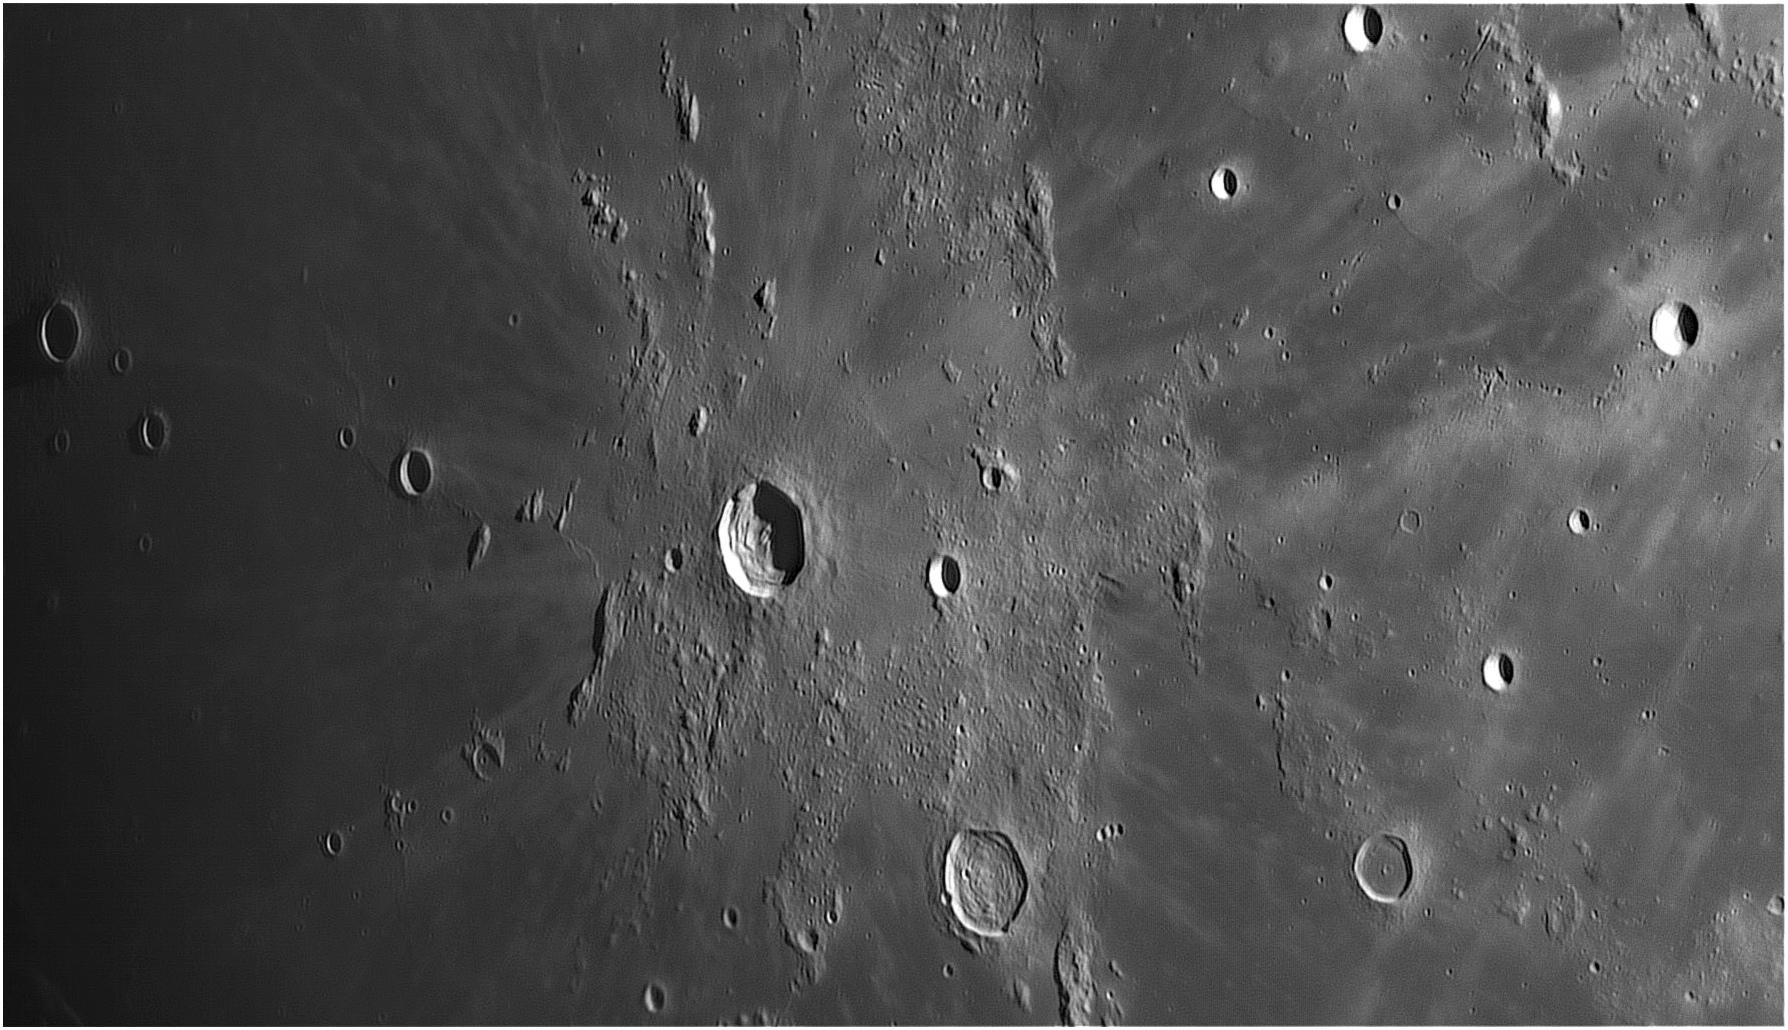 2019_05_15 Kepler Encke